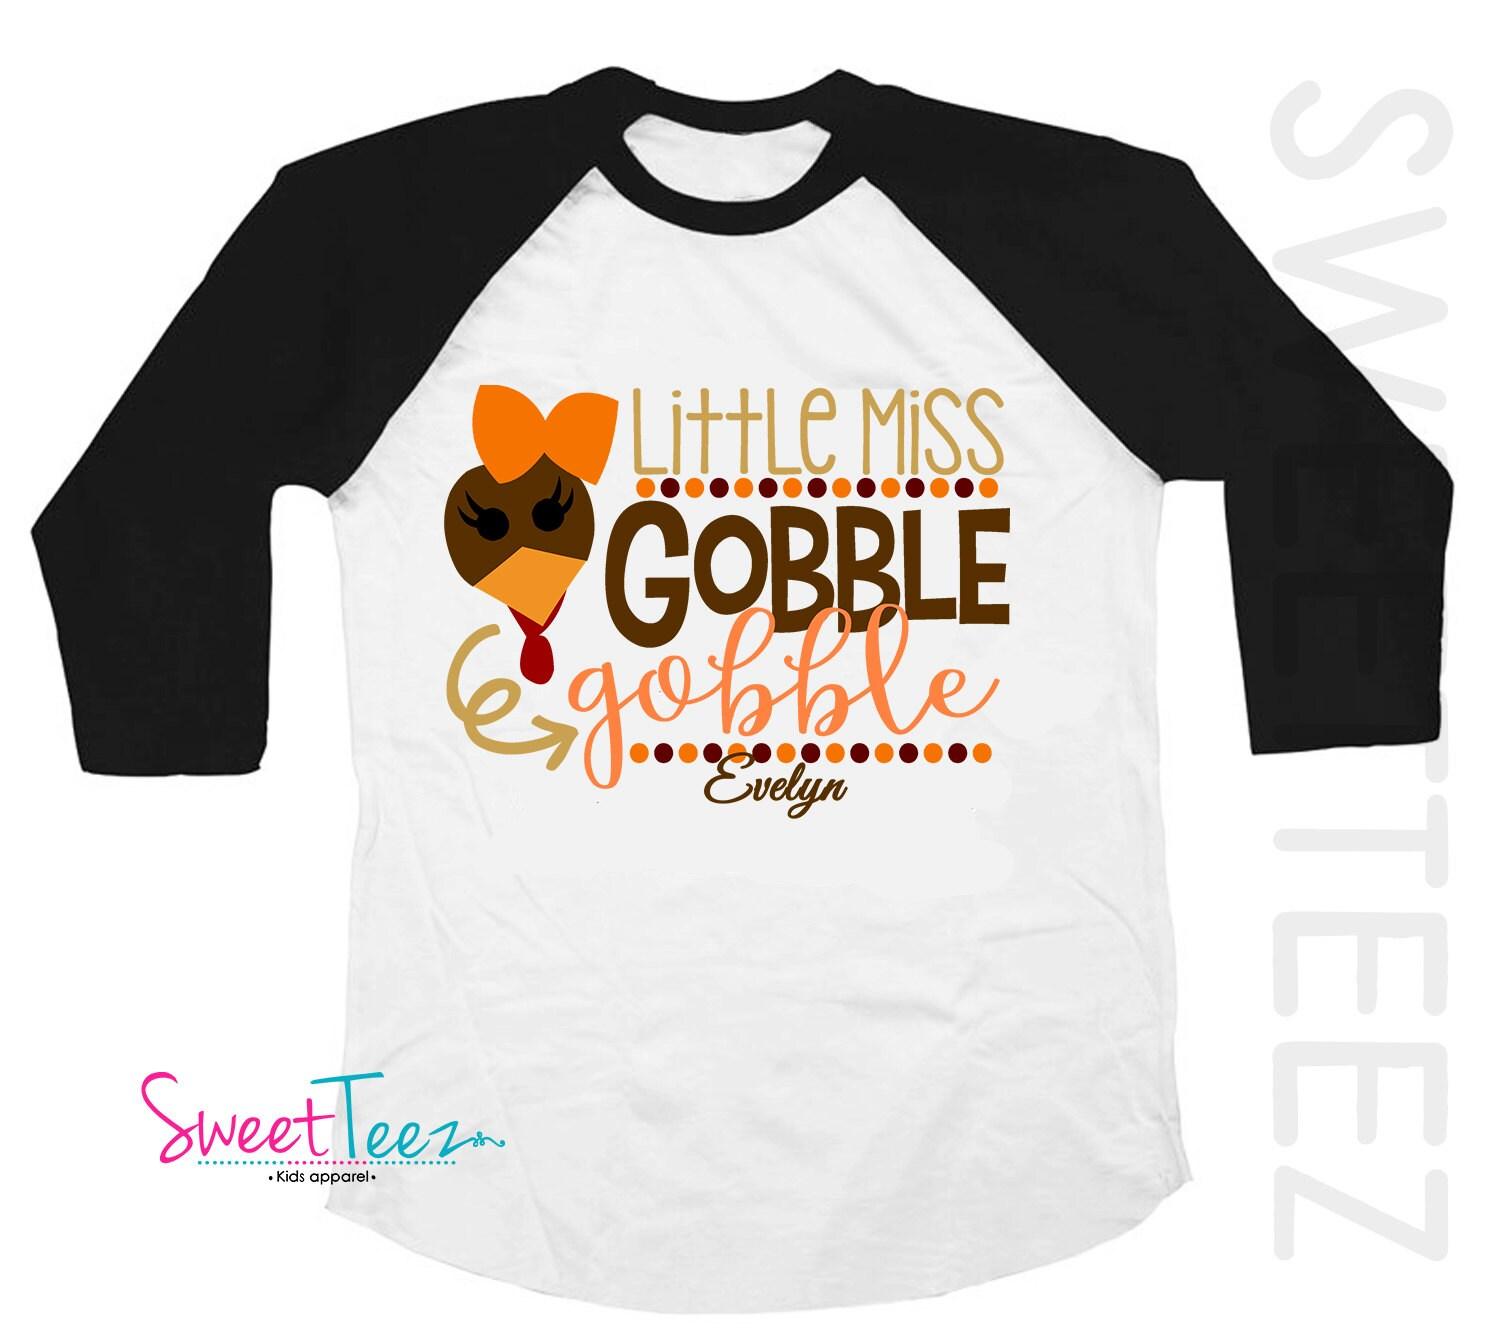 979a747b03 Thanksgiving Shirt Raglan Little Miss Gobble Gobble Thanksgiving Girl Shirt  Turkey Shirt Personalized Raglan Shirt